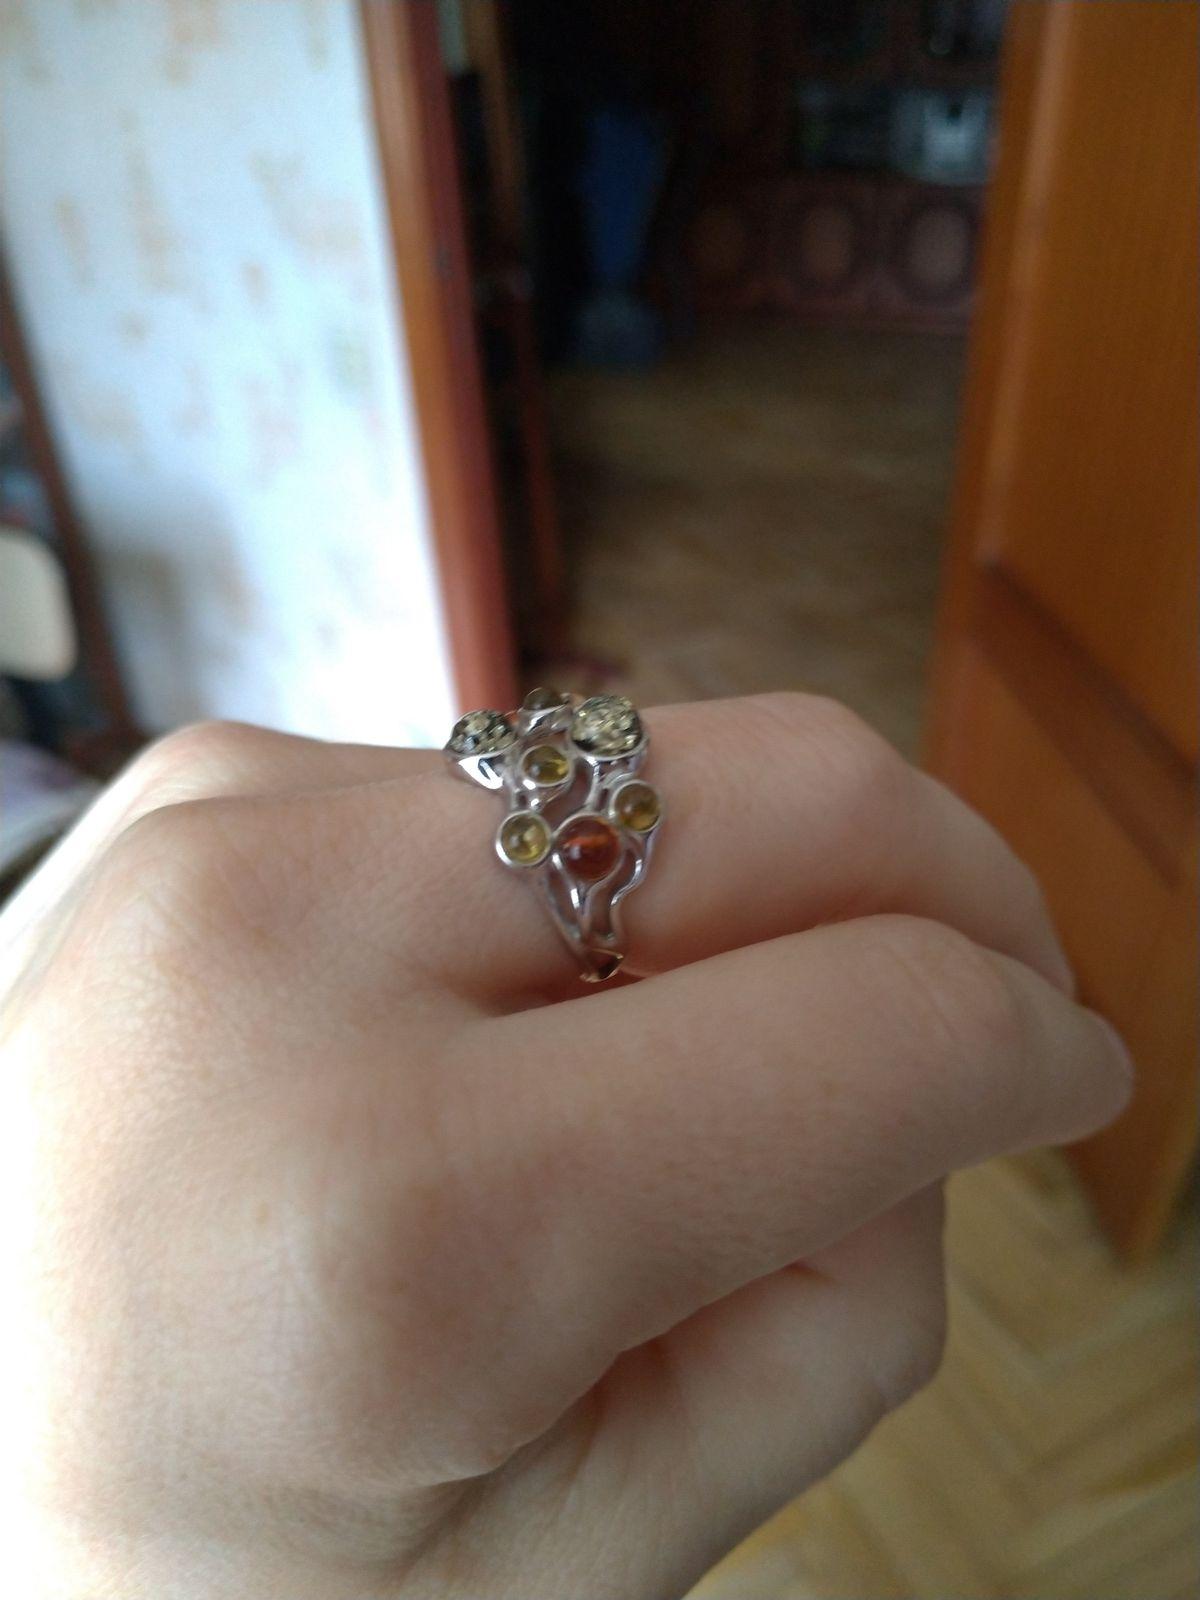 Красивое кольцо с шариками янтаря. У меня оно больше зелёного цвета.